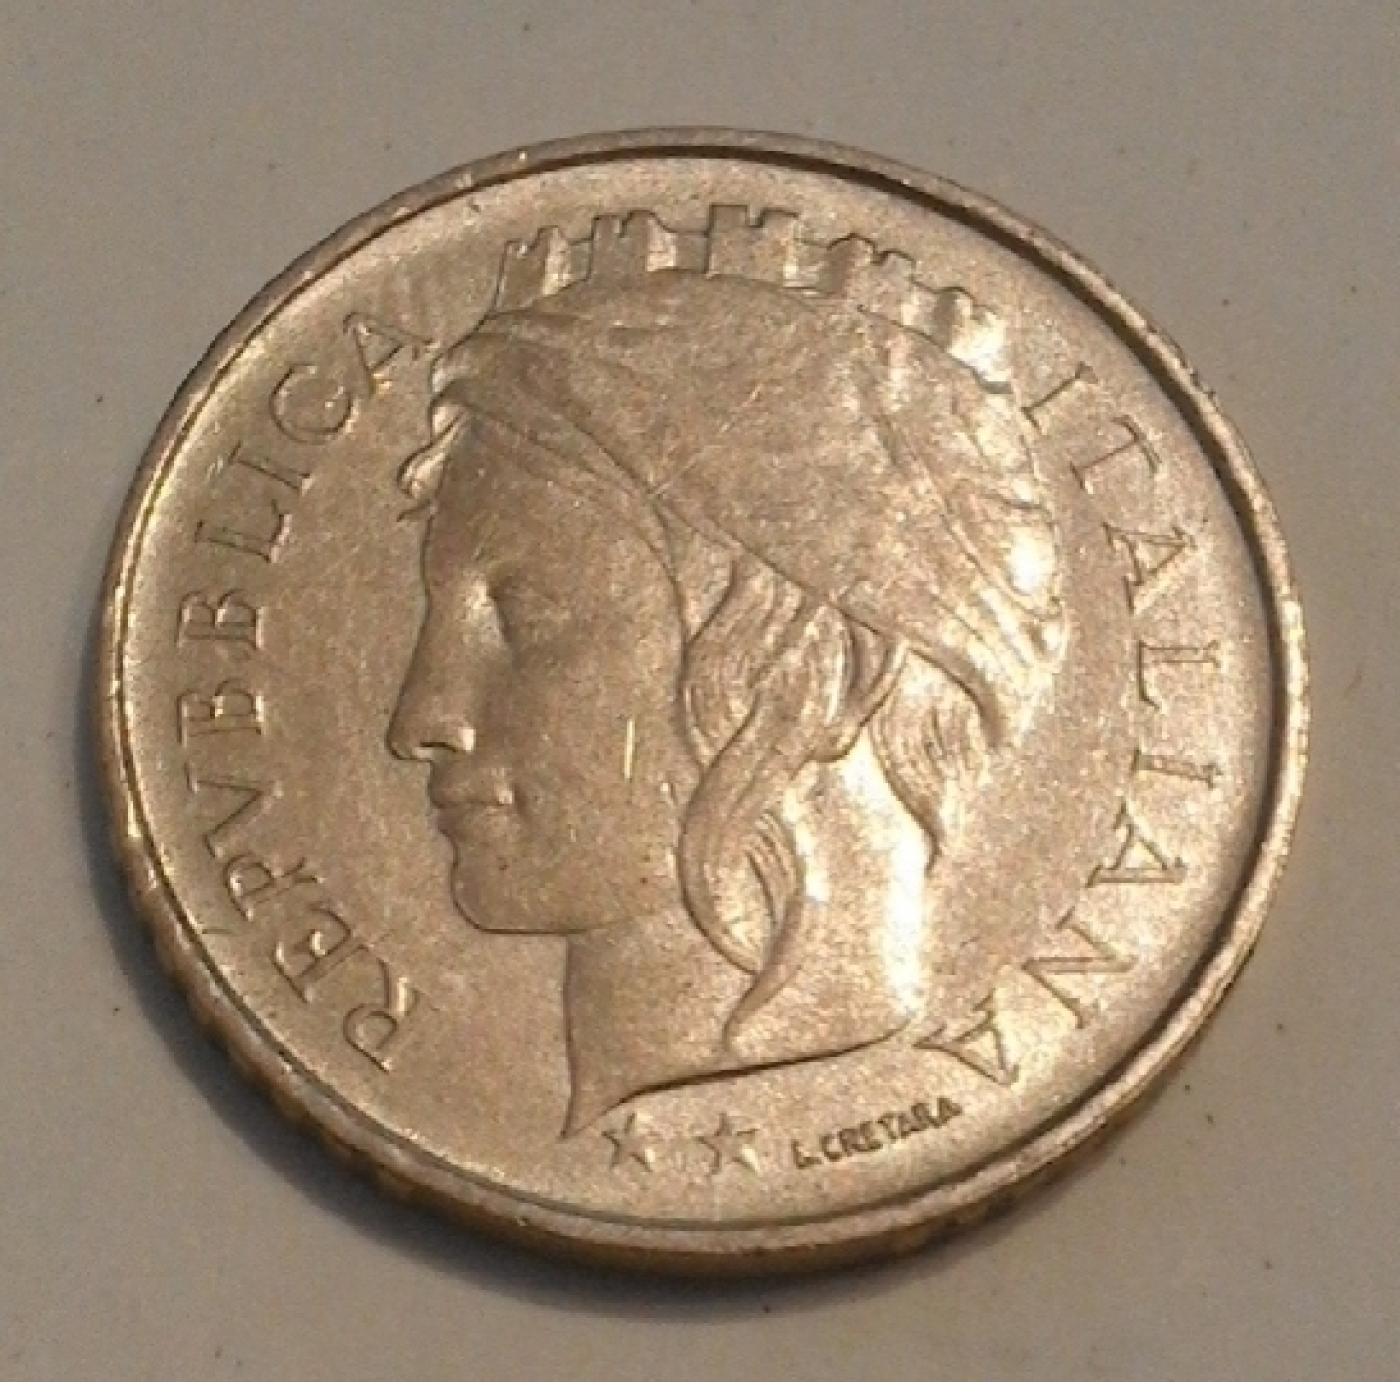 100 Lire 1993 R Small Head Republic 1946 2001 Italy